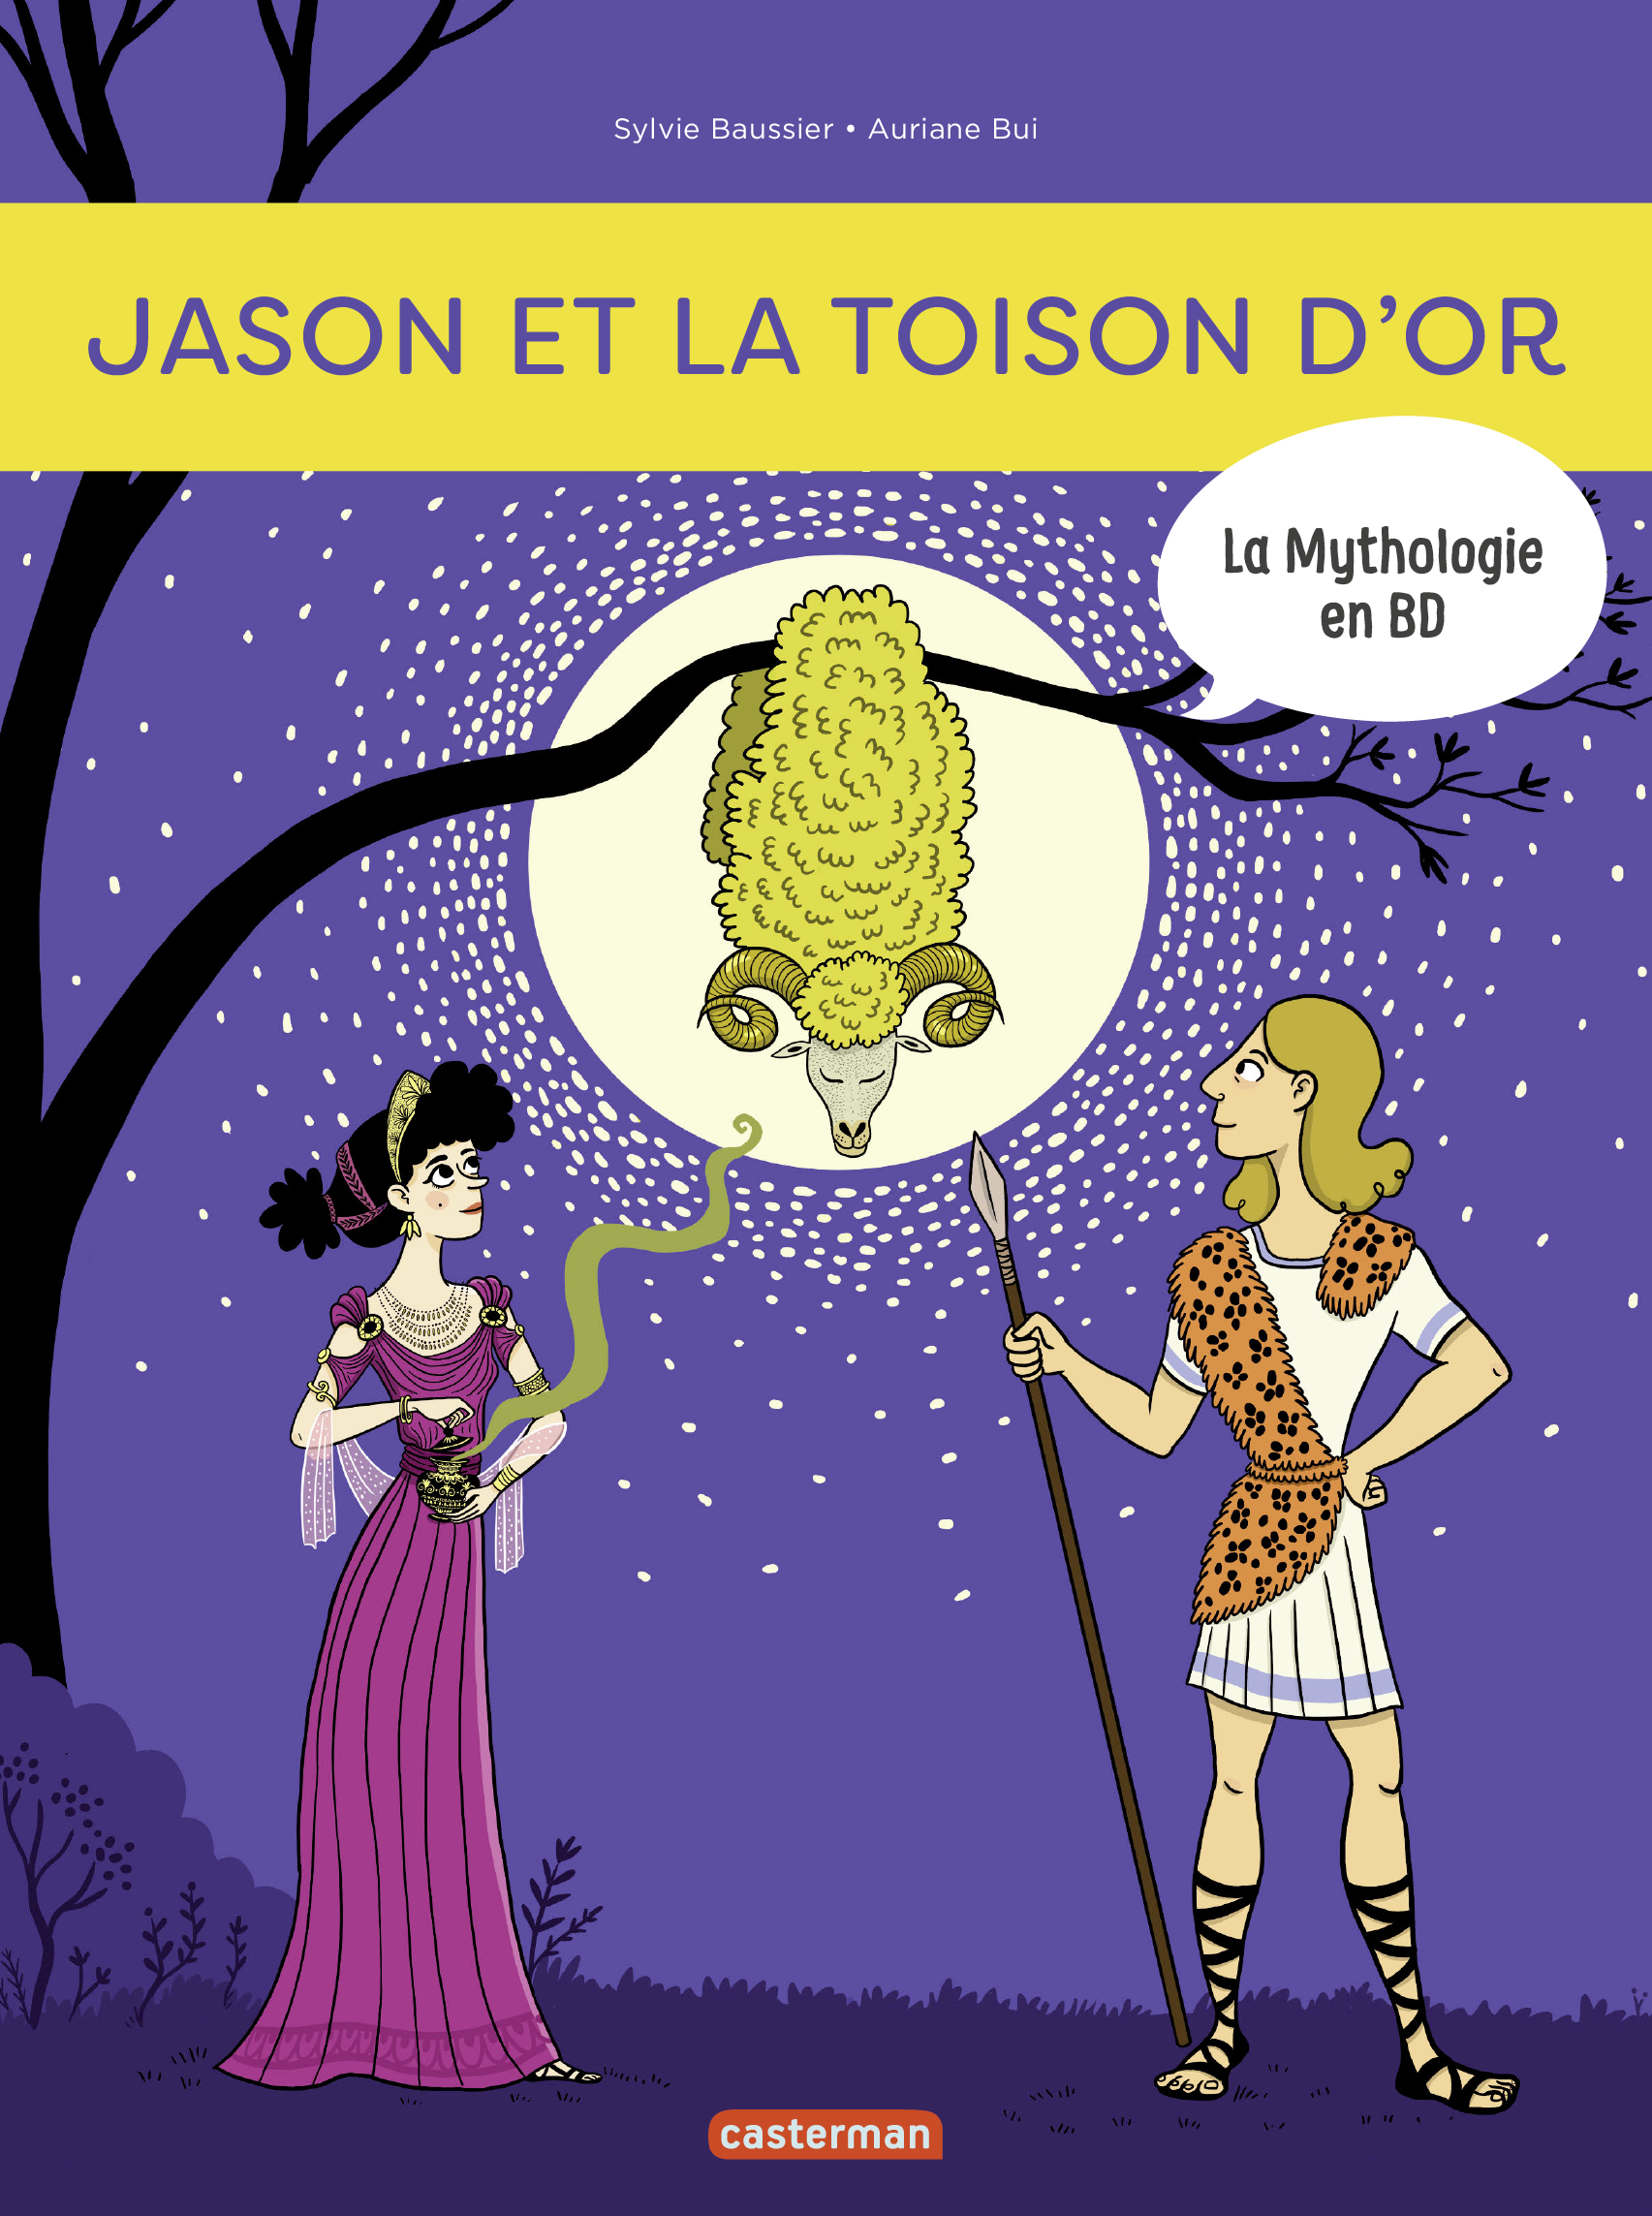 La Mythologie en BD - Jason et la Toison d'Or